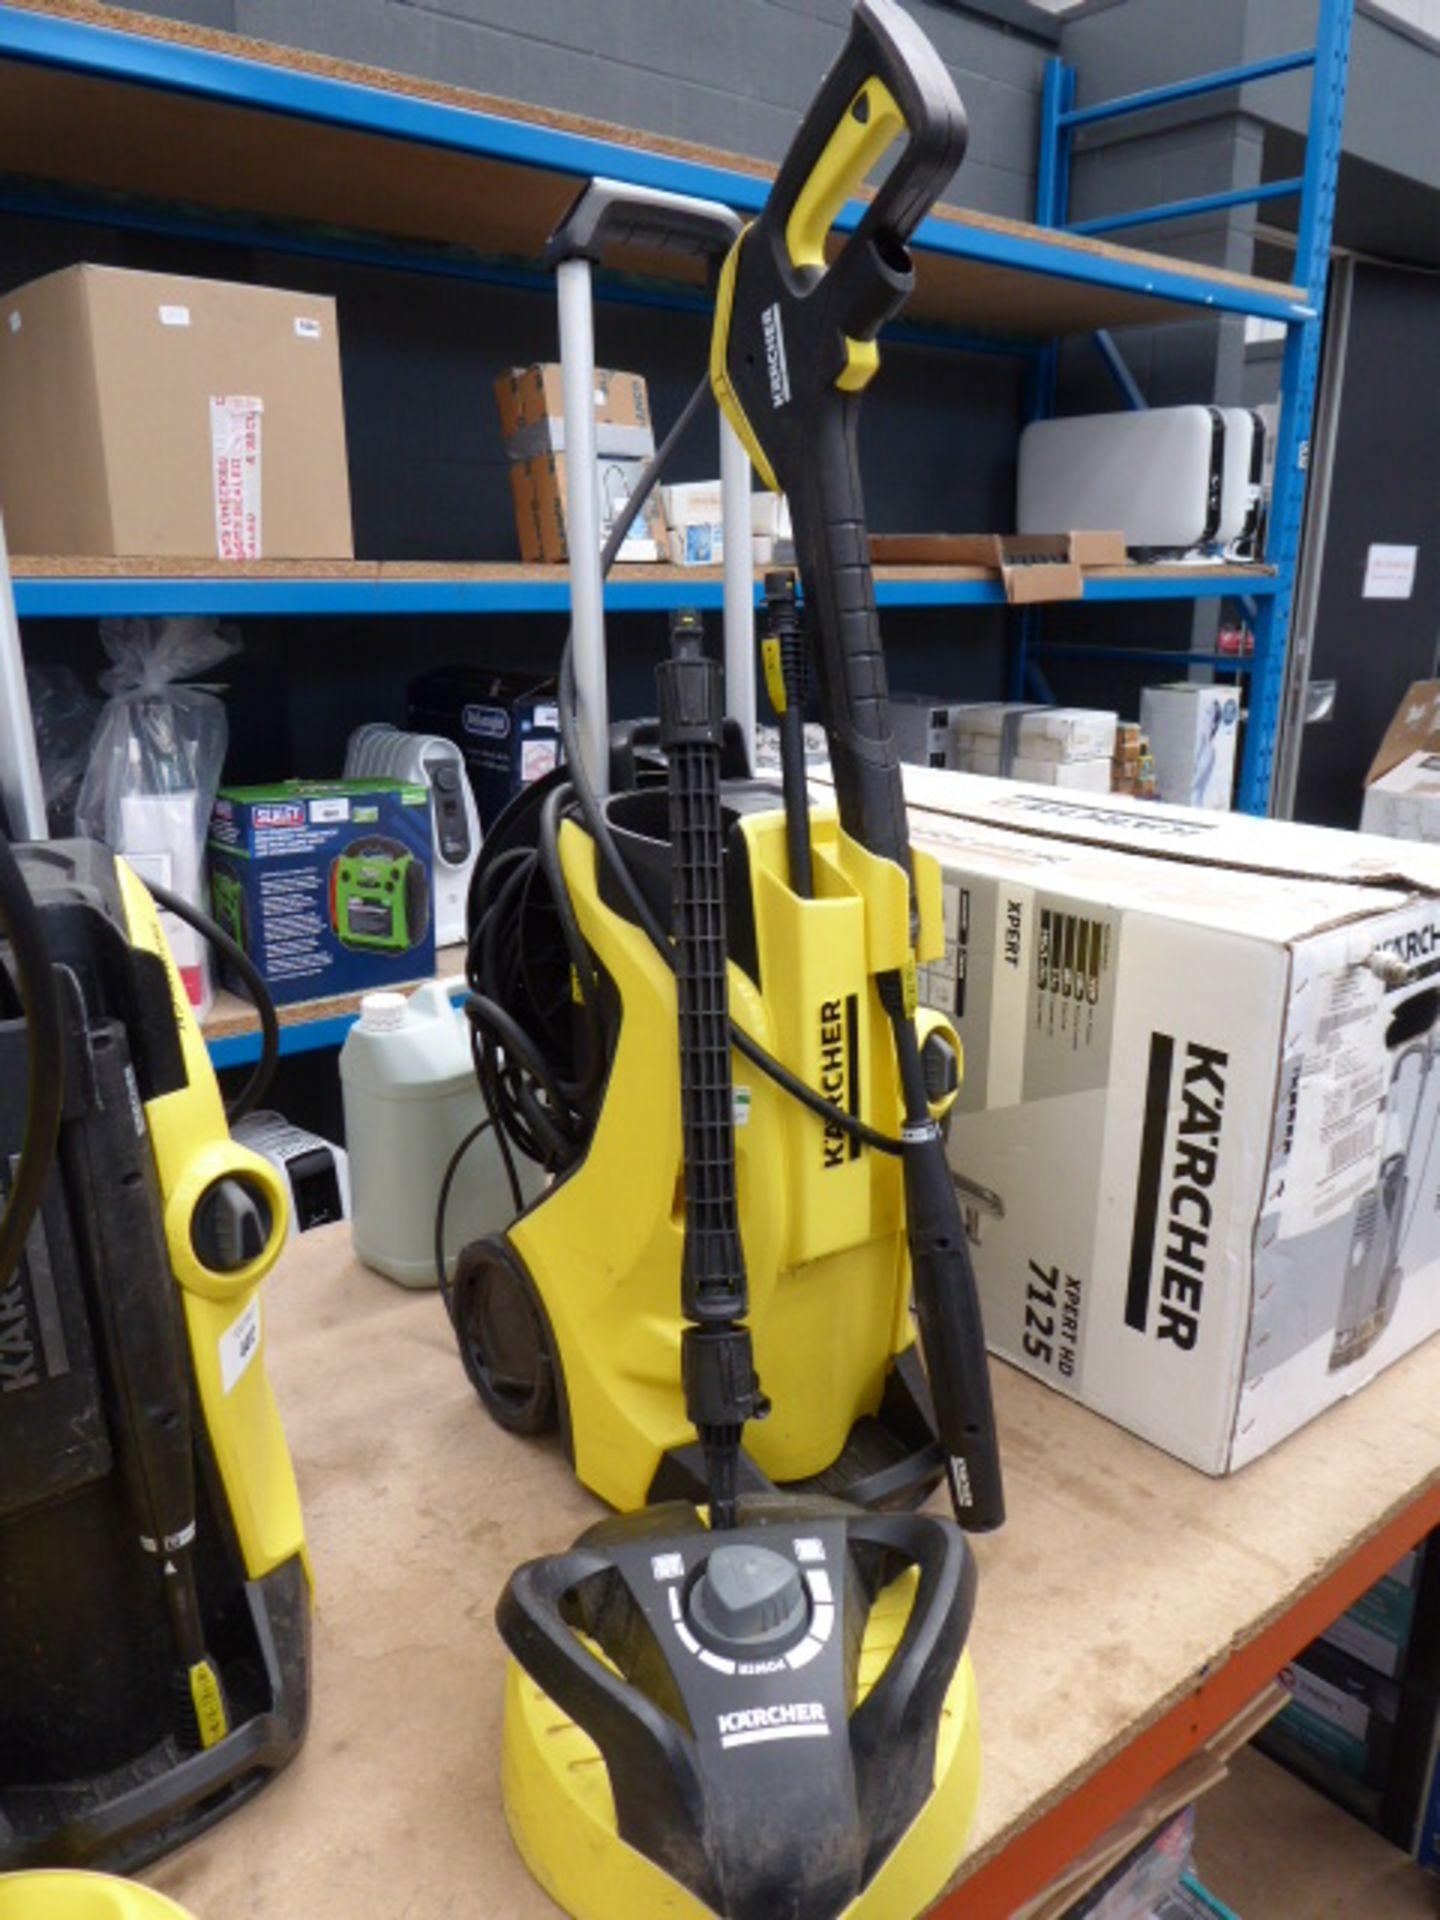 Lot 4411 - A Karcher K4 premium full control electric pressure washer